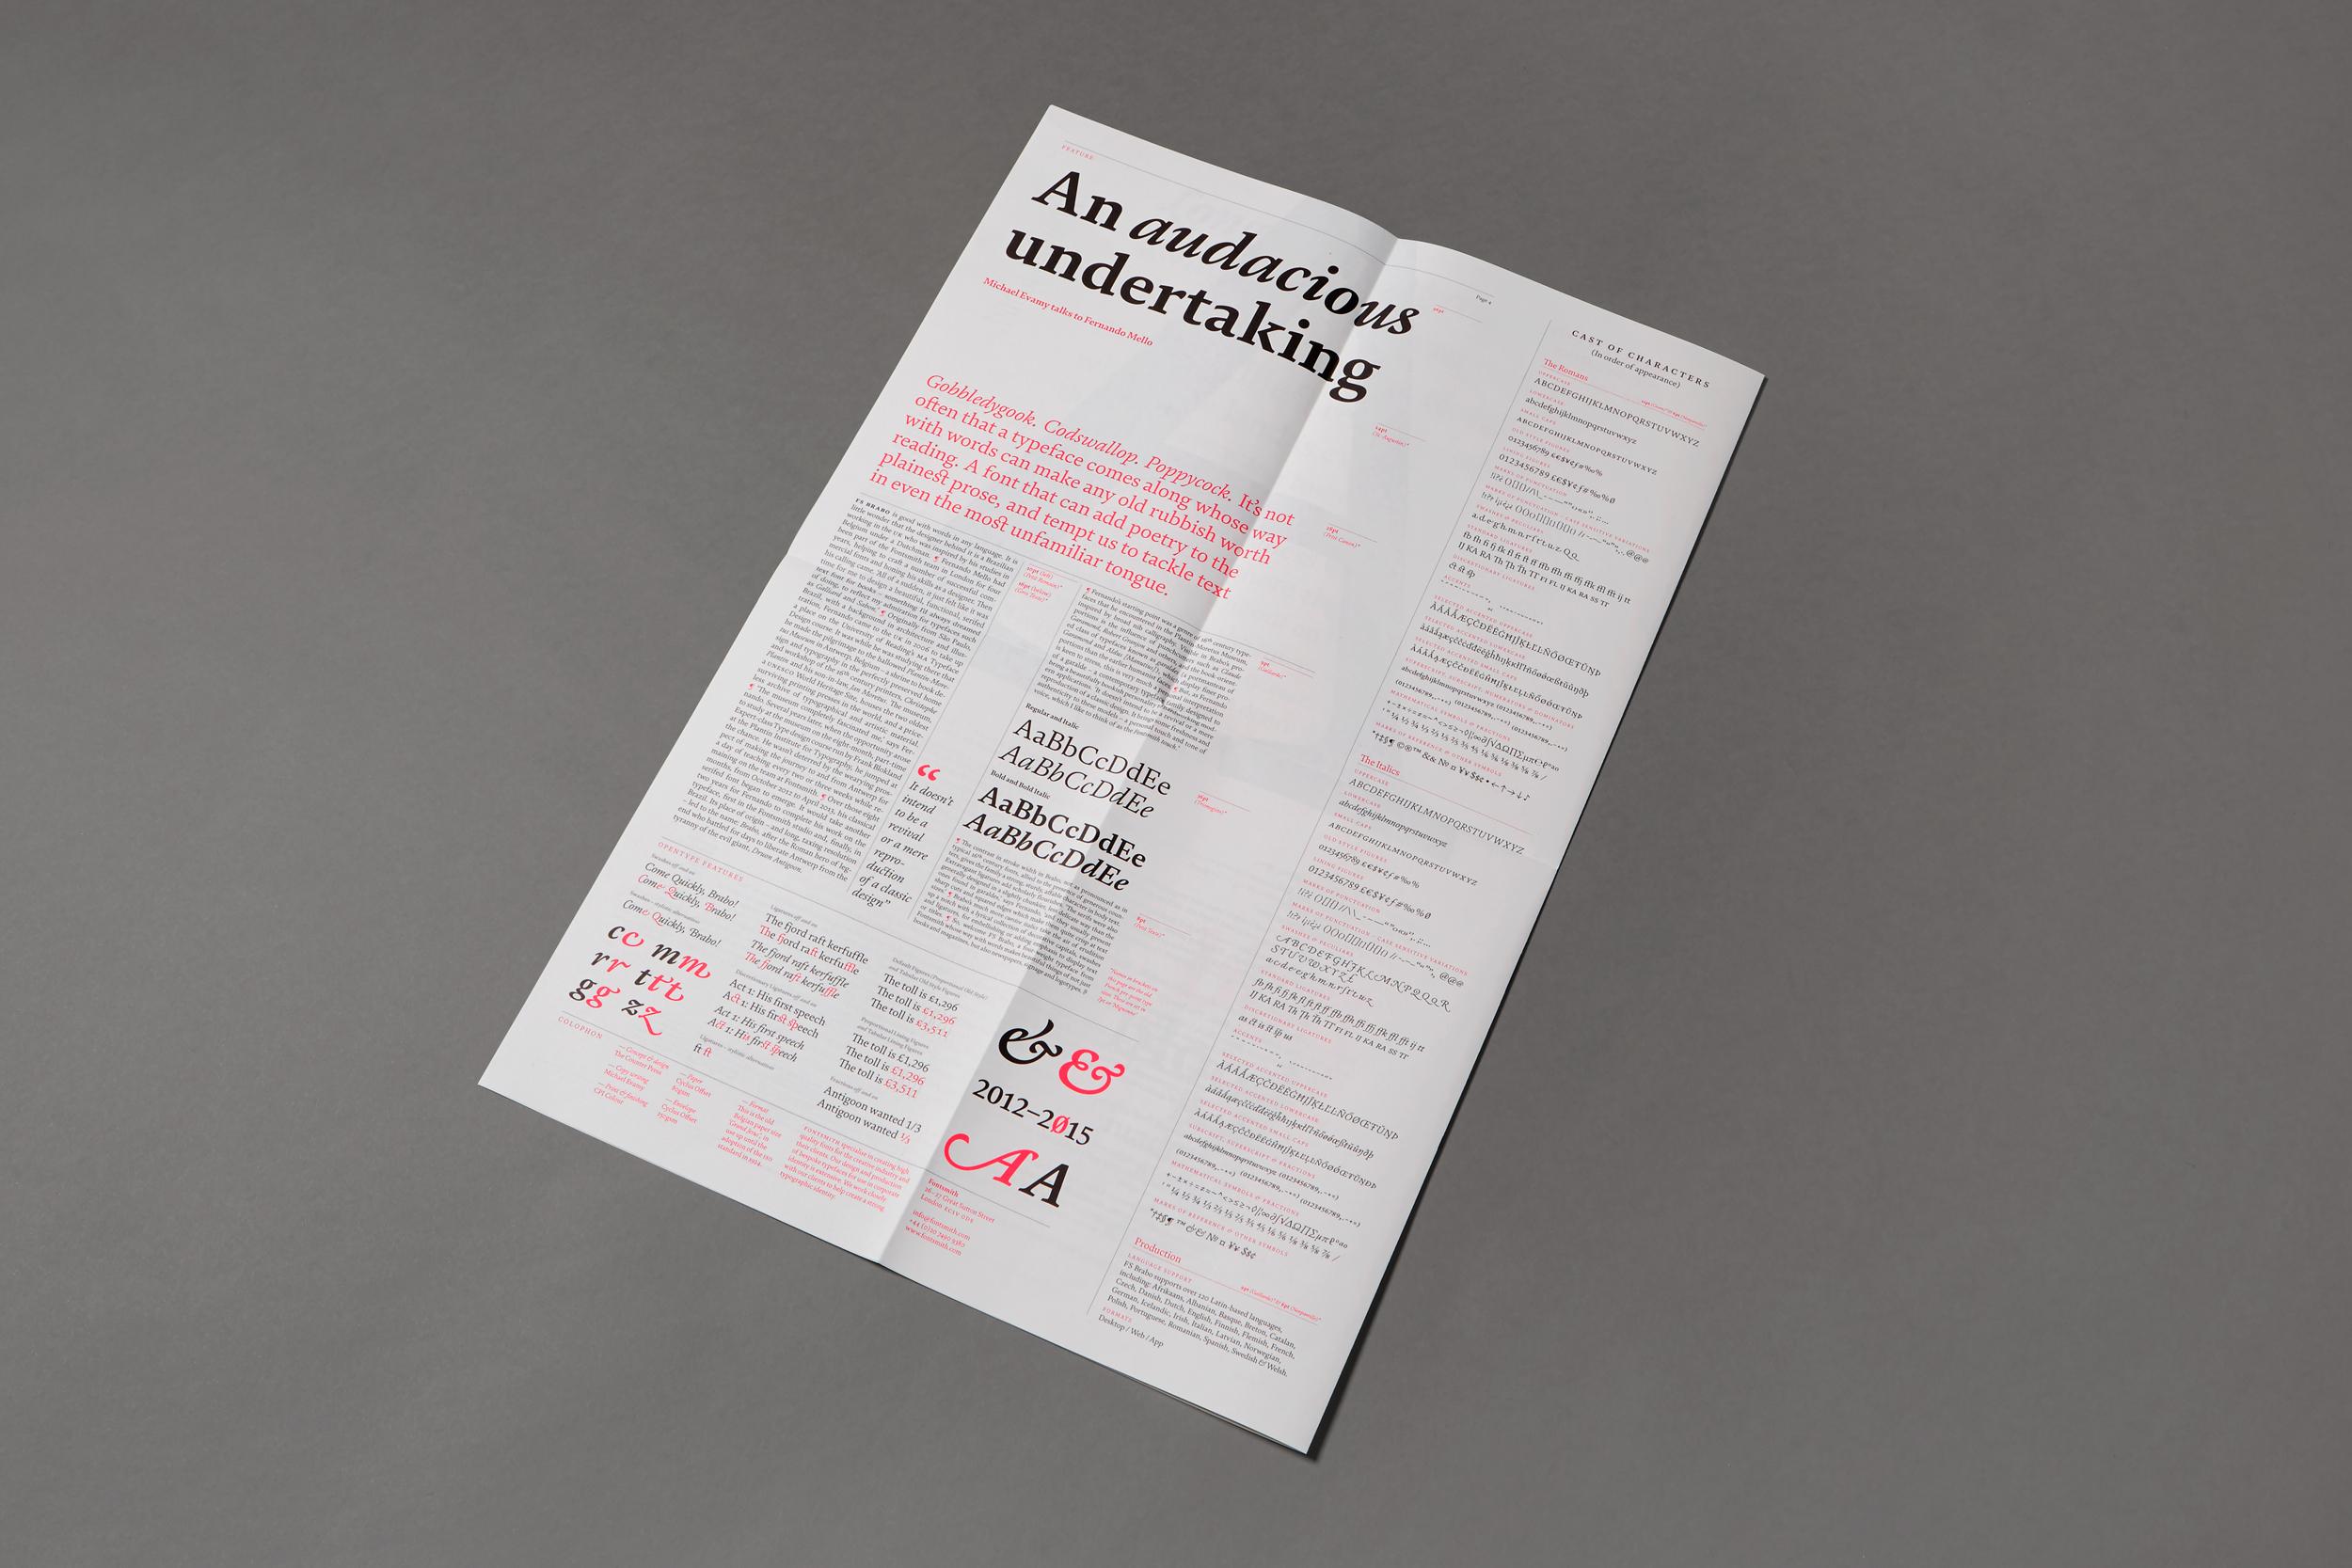 CounterStudio_Brabo_Back_cover_1.jpg